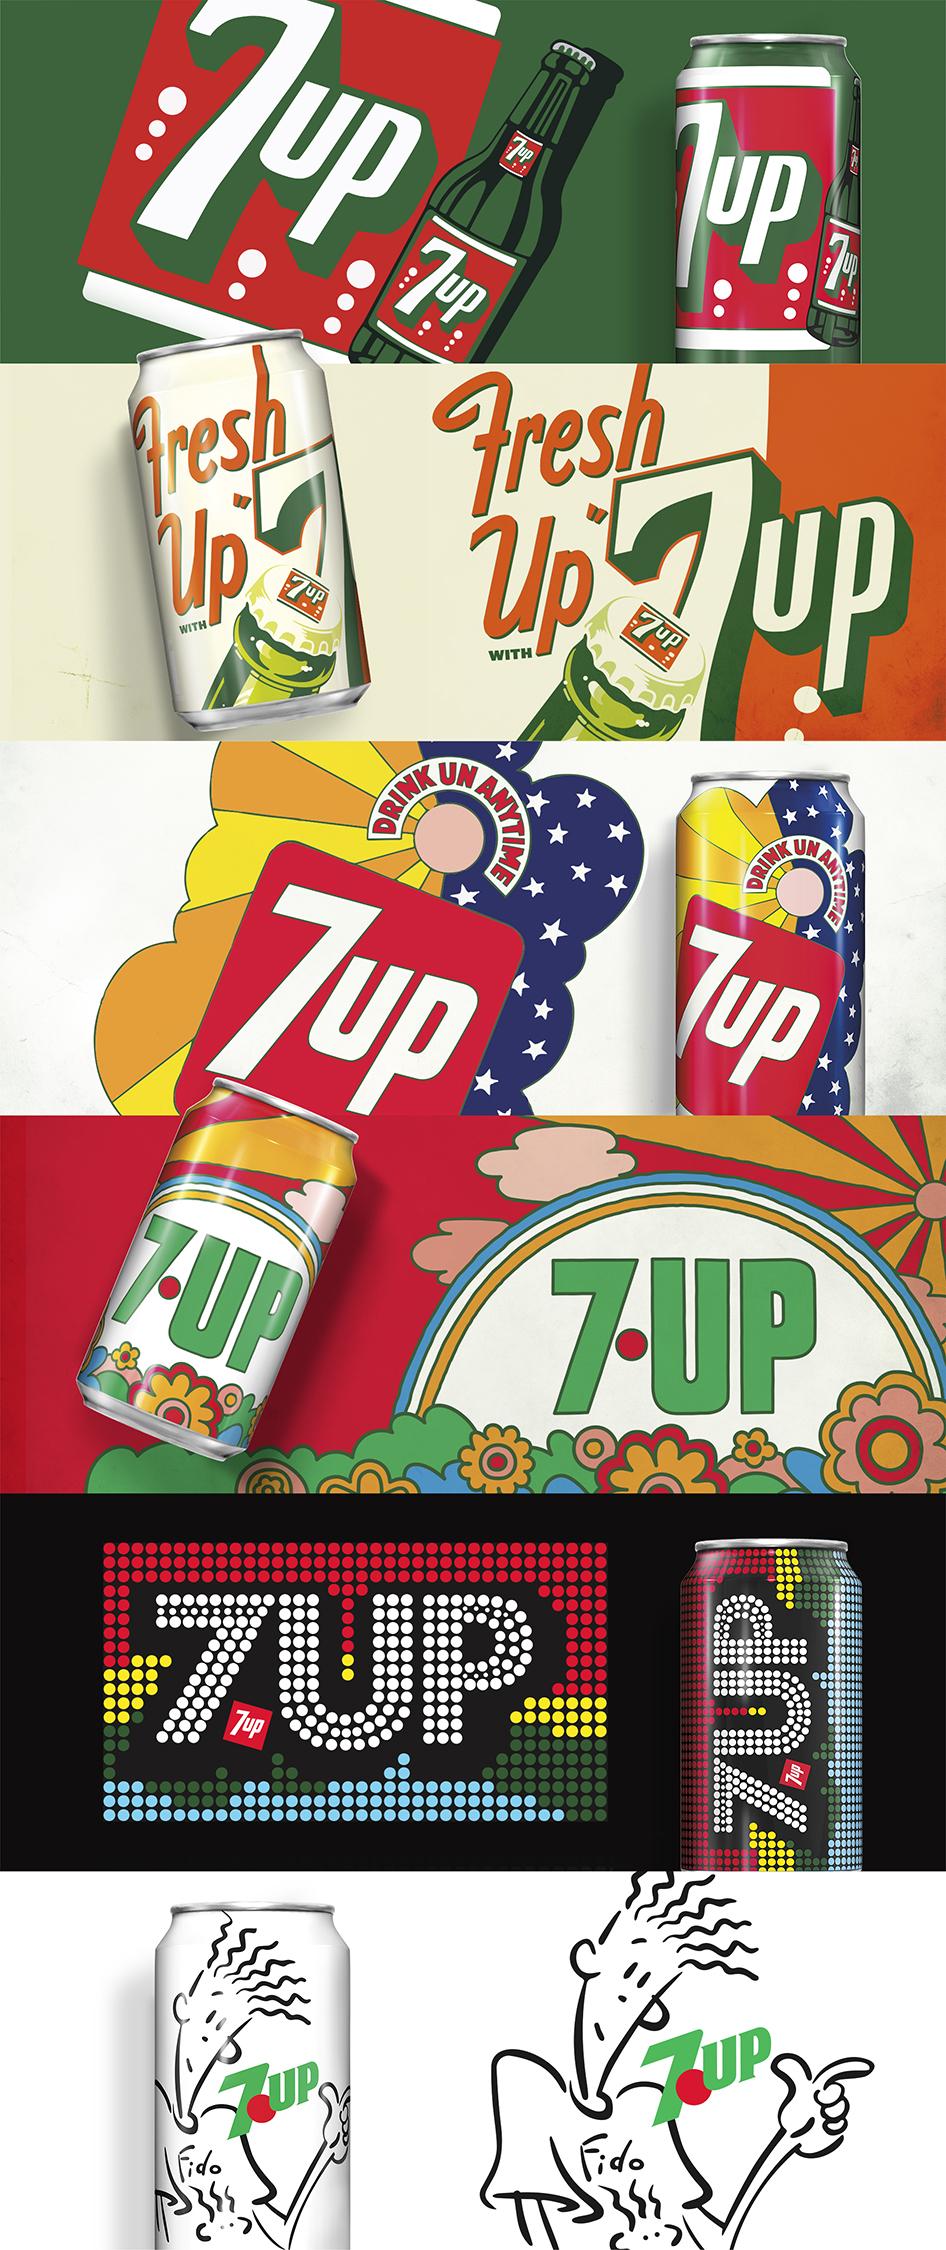 7up-Vintage-Whole.jpg